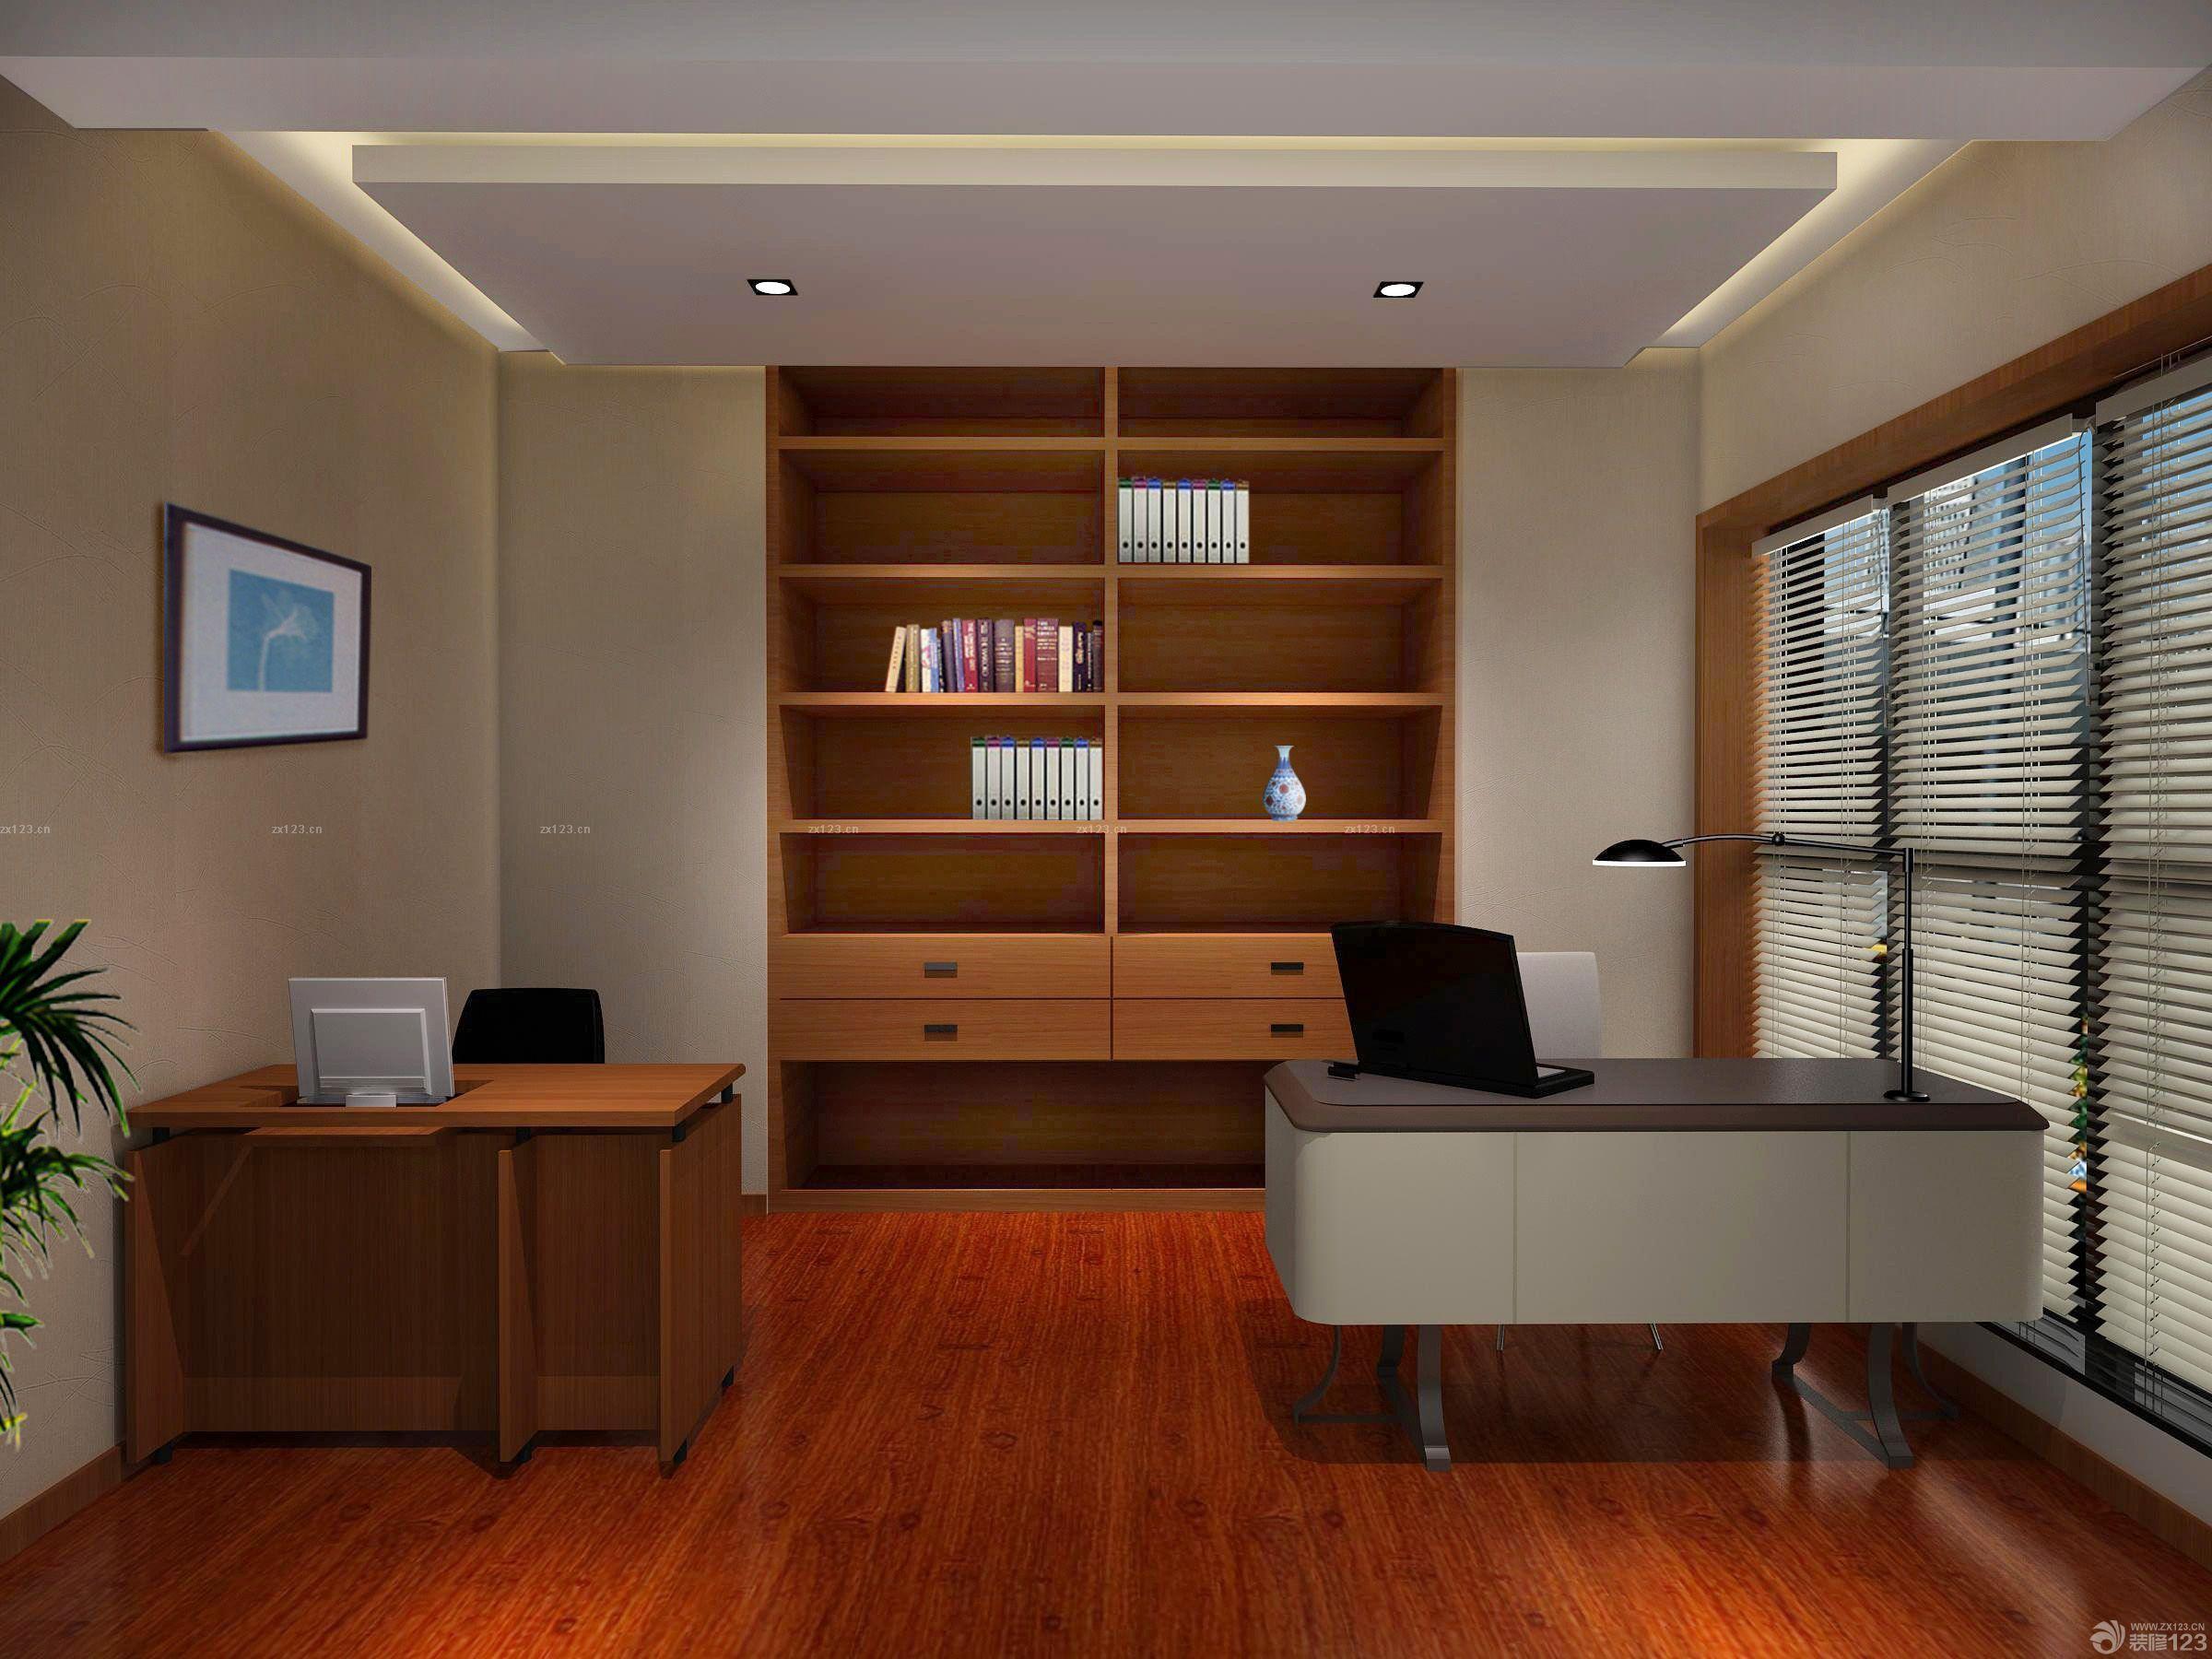 装修效果图 家居设计 美时办公家具办公室室内摆放图片大全